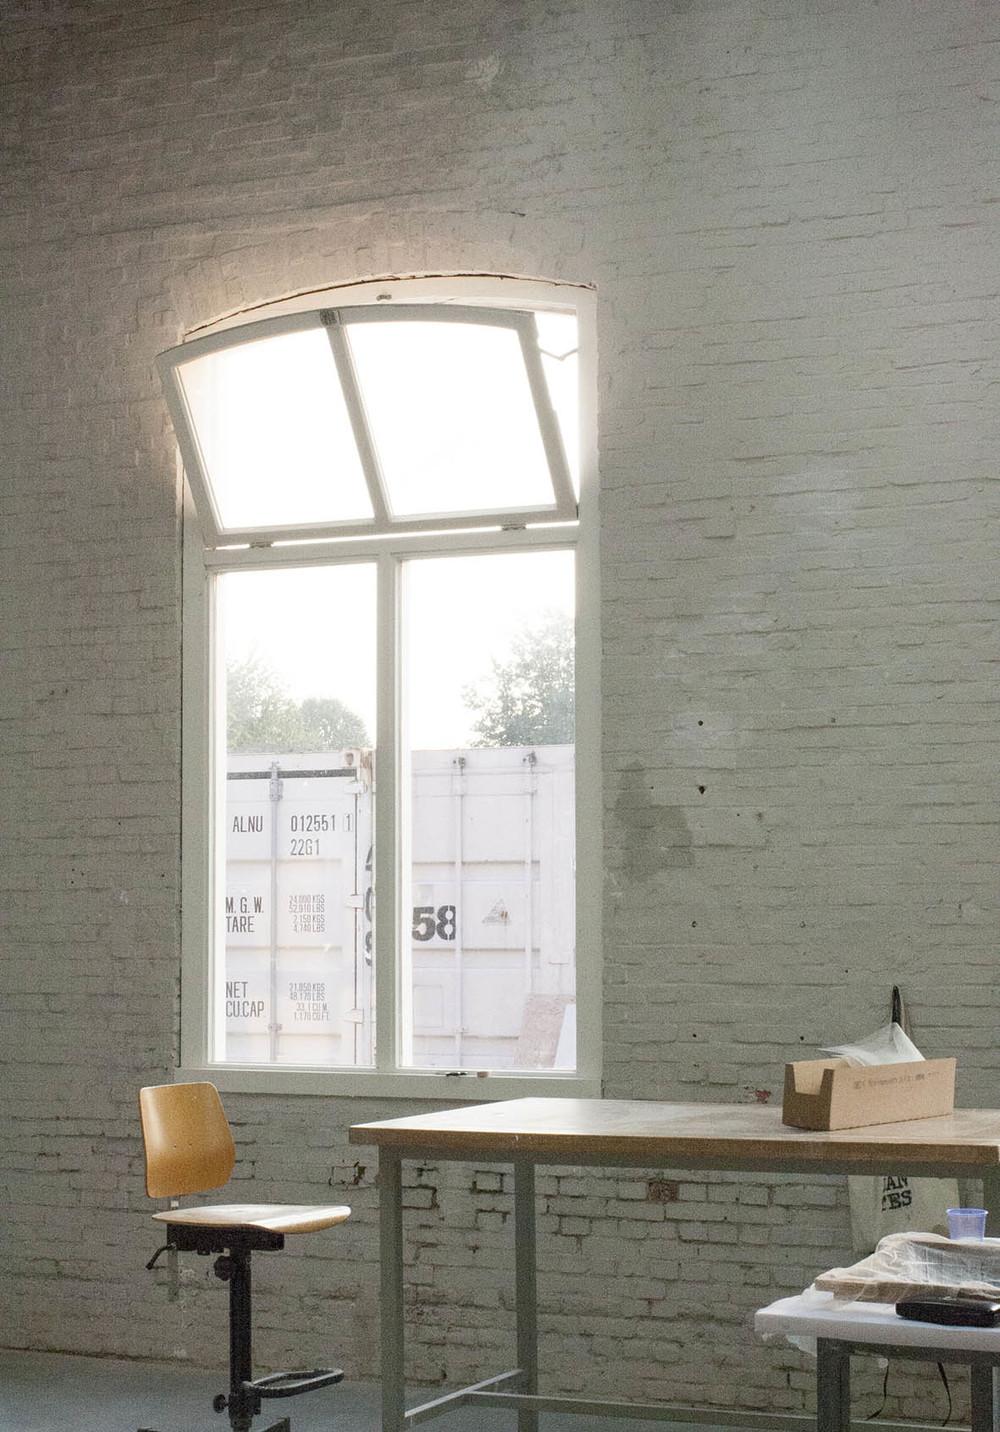 EKWC está ubicado en un edificio que fué una antigua curtimbre,Leerfabriek. Ésta es una vista de mi estudio hasta noviembre.